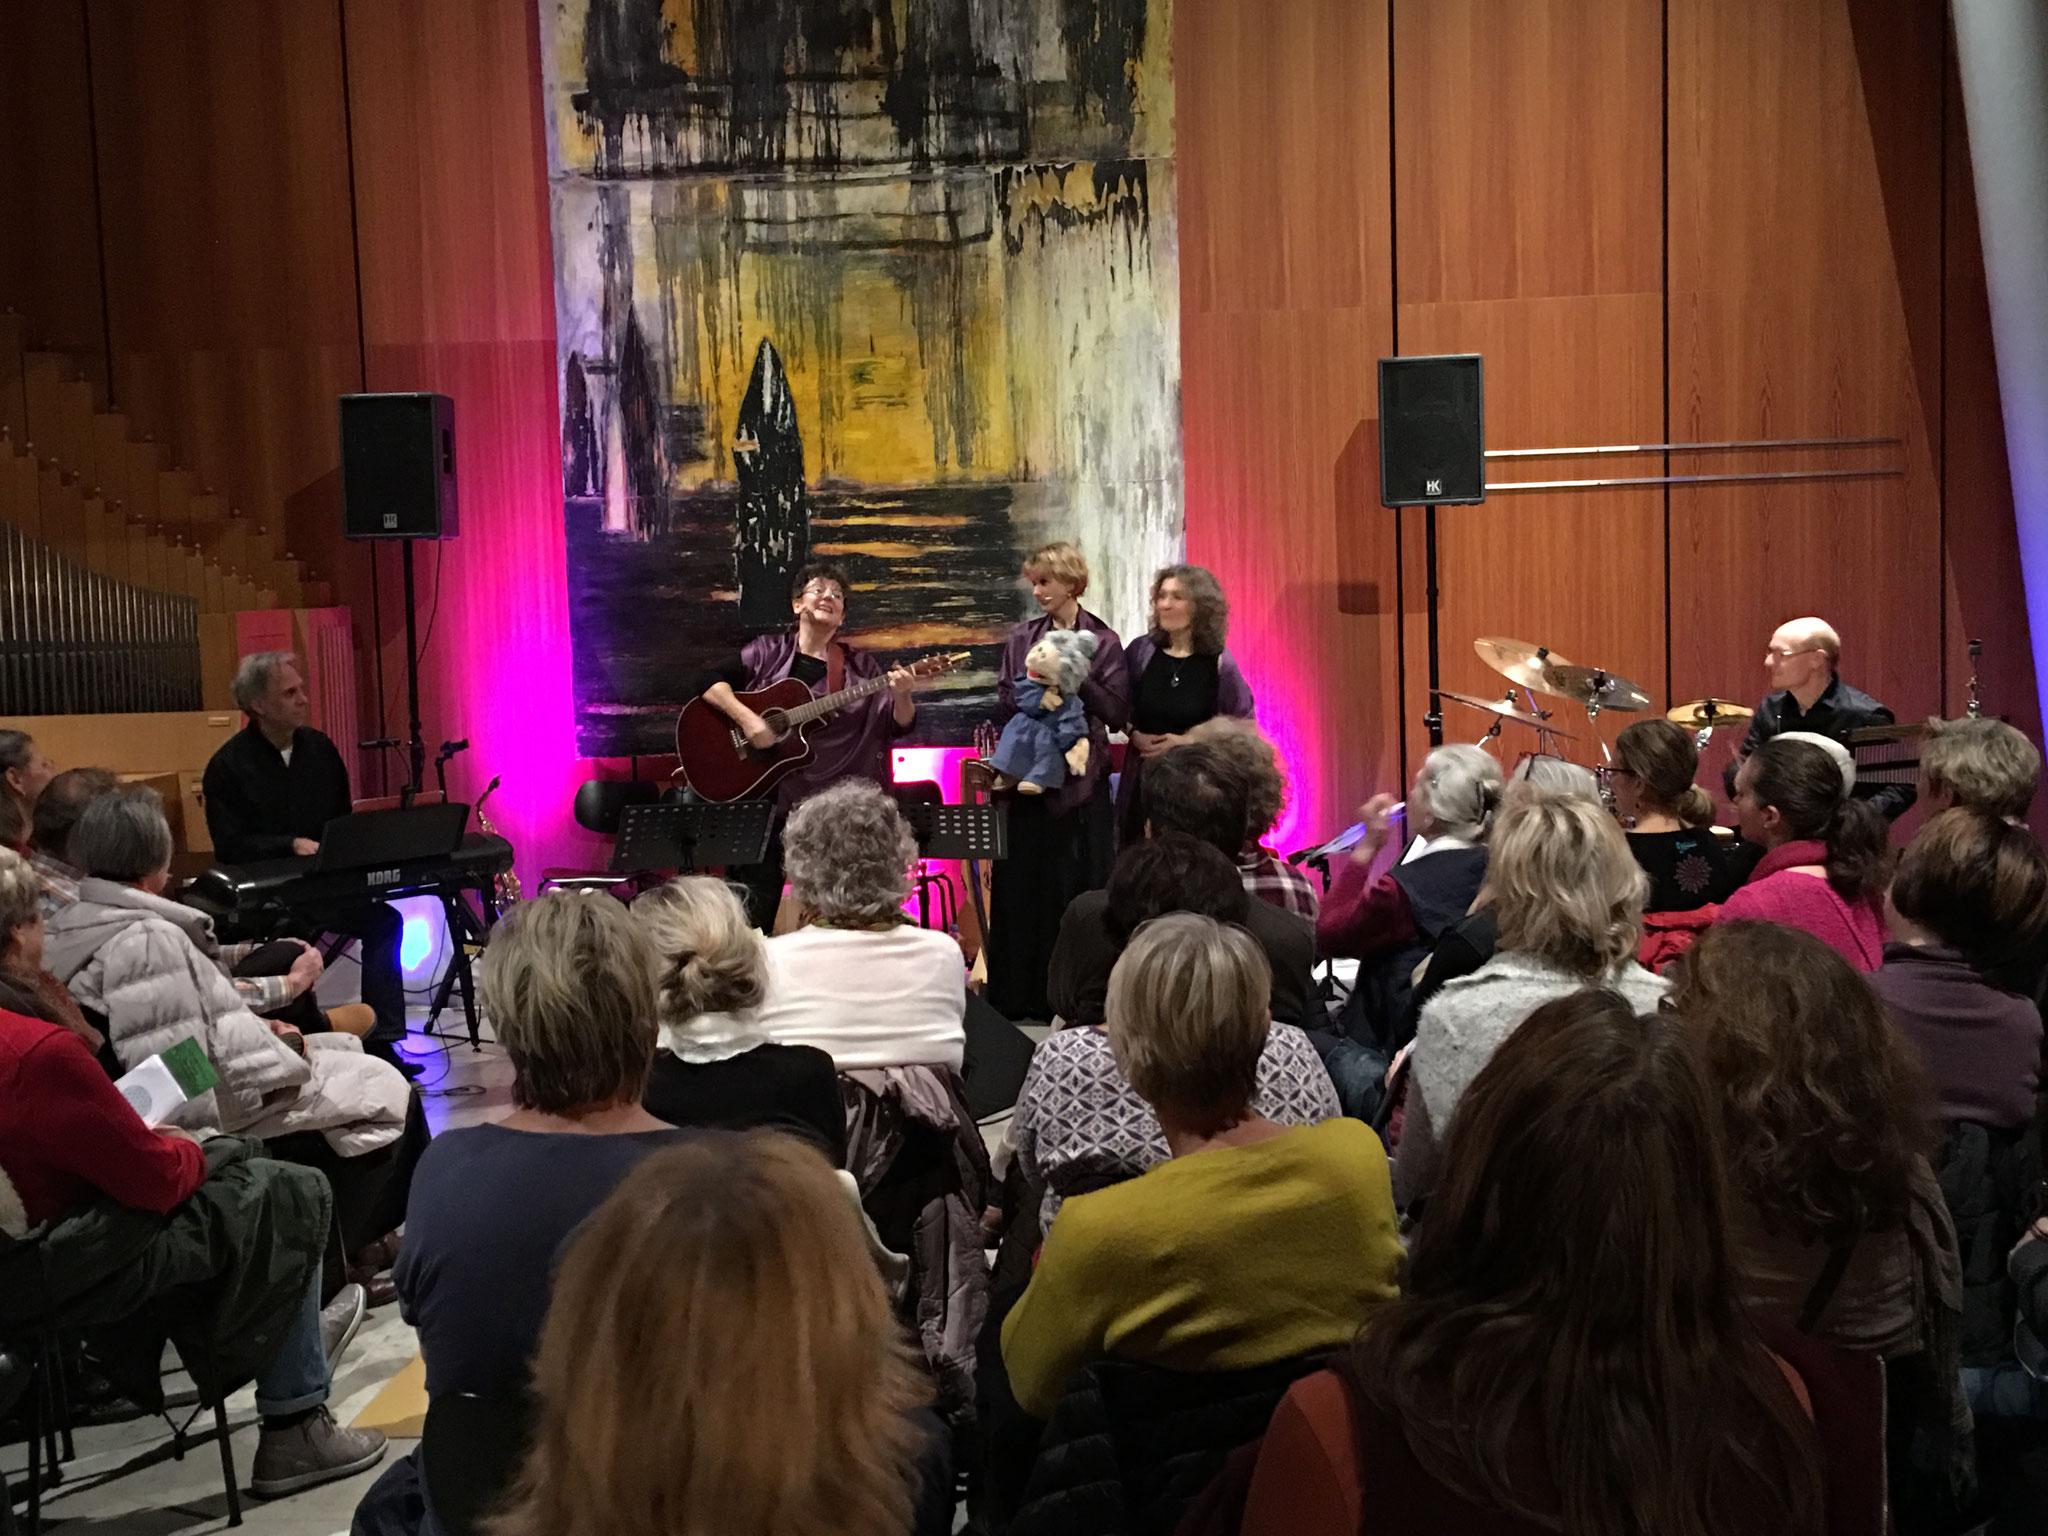 17.11.2017 Konzert für große und kleine Abschiede, Maria-Magdalena-Kirche Rgb.-Burgweinting mit Susanne Goebel, Karin Simon, Michael Wimmer (dr), Jockel Peter Streb (p)